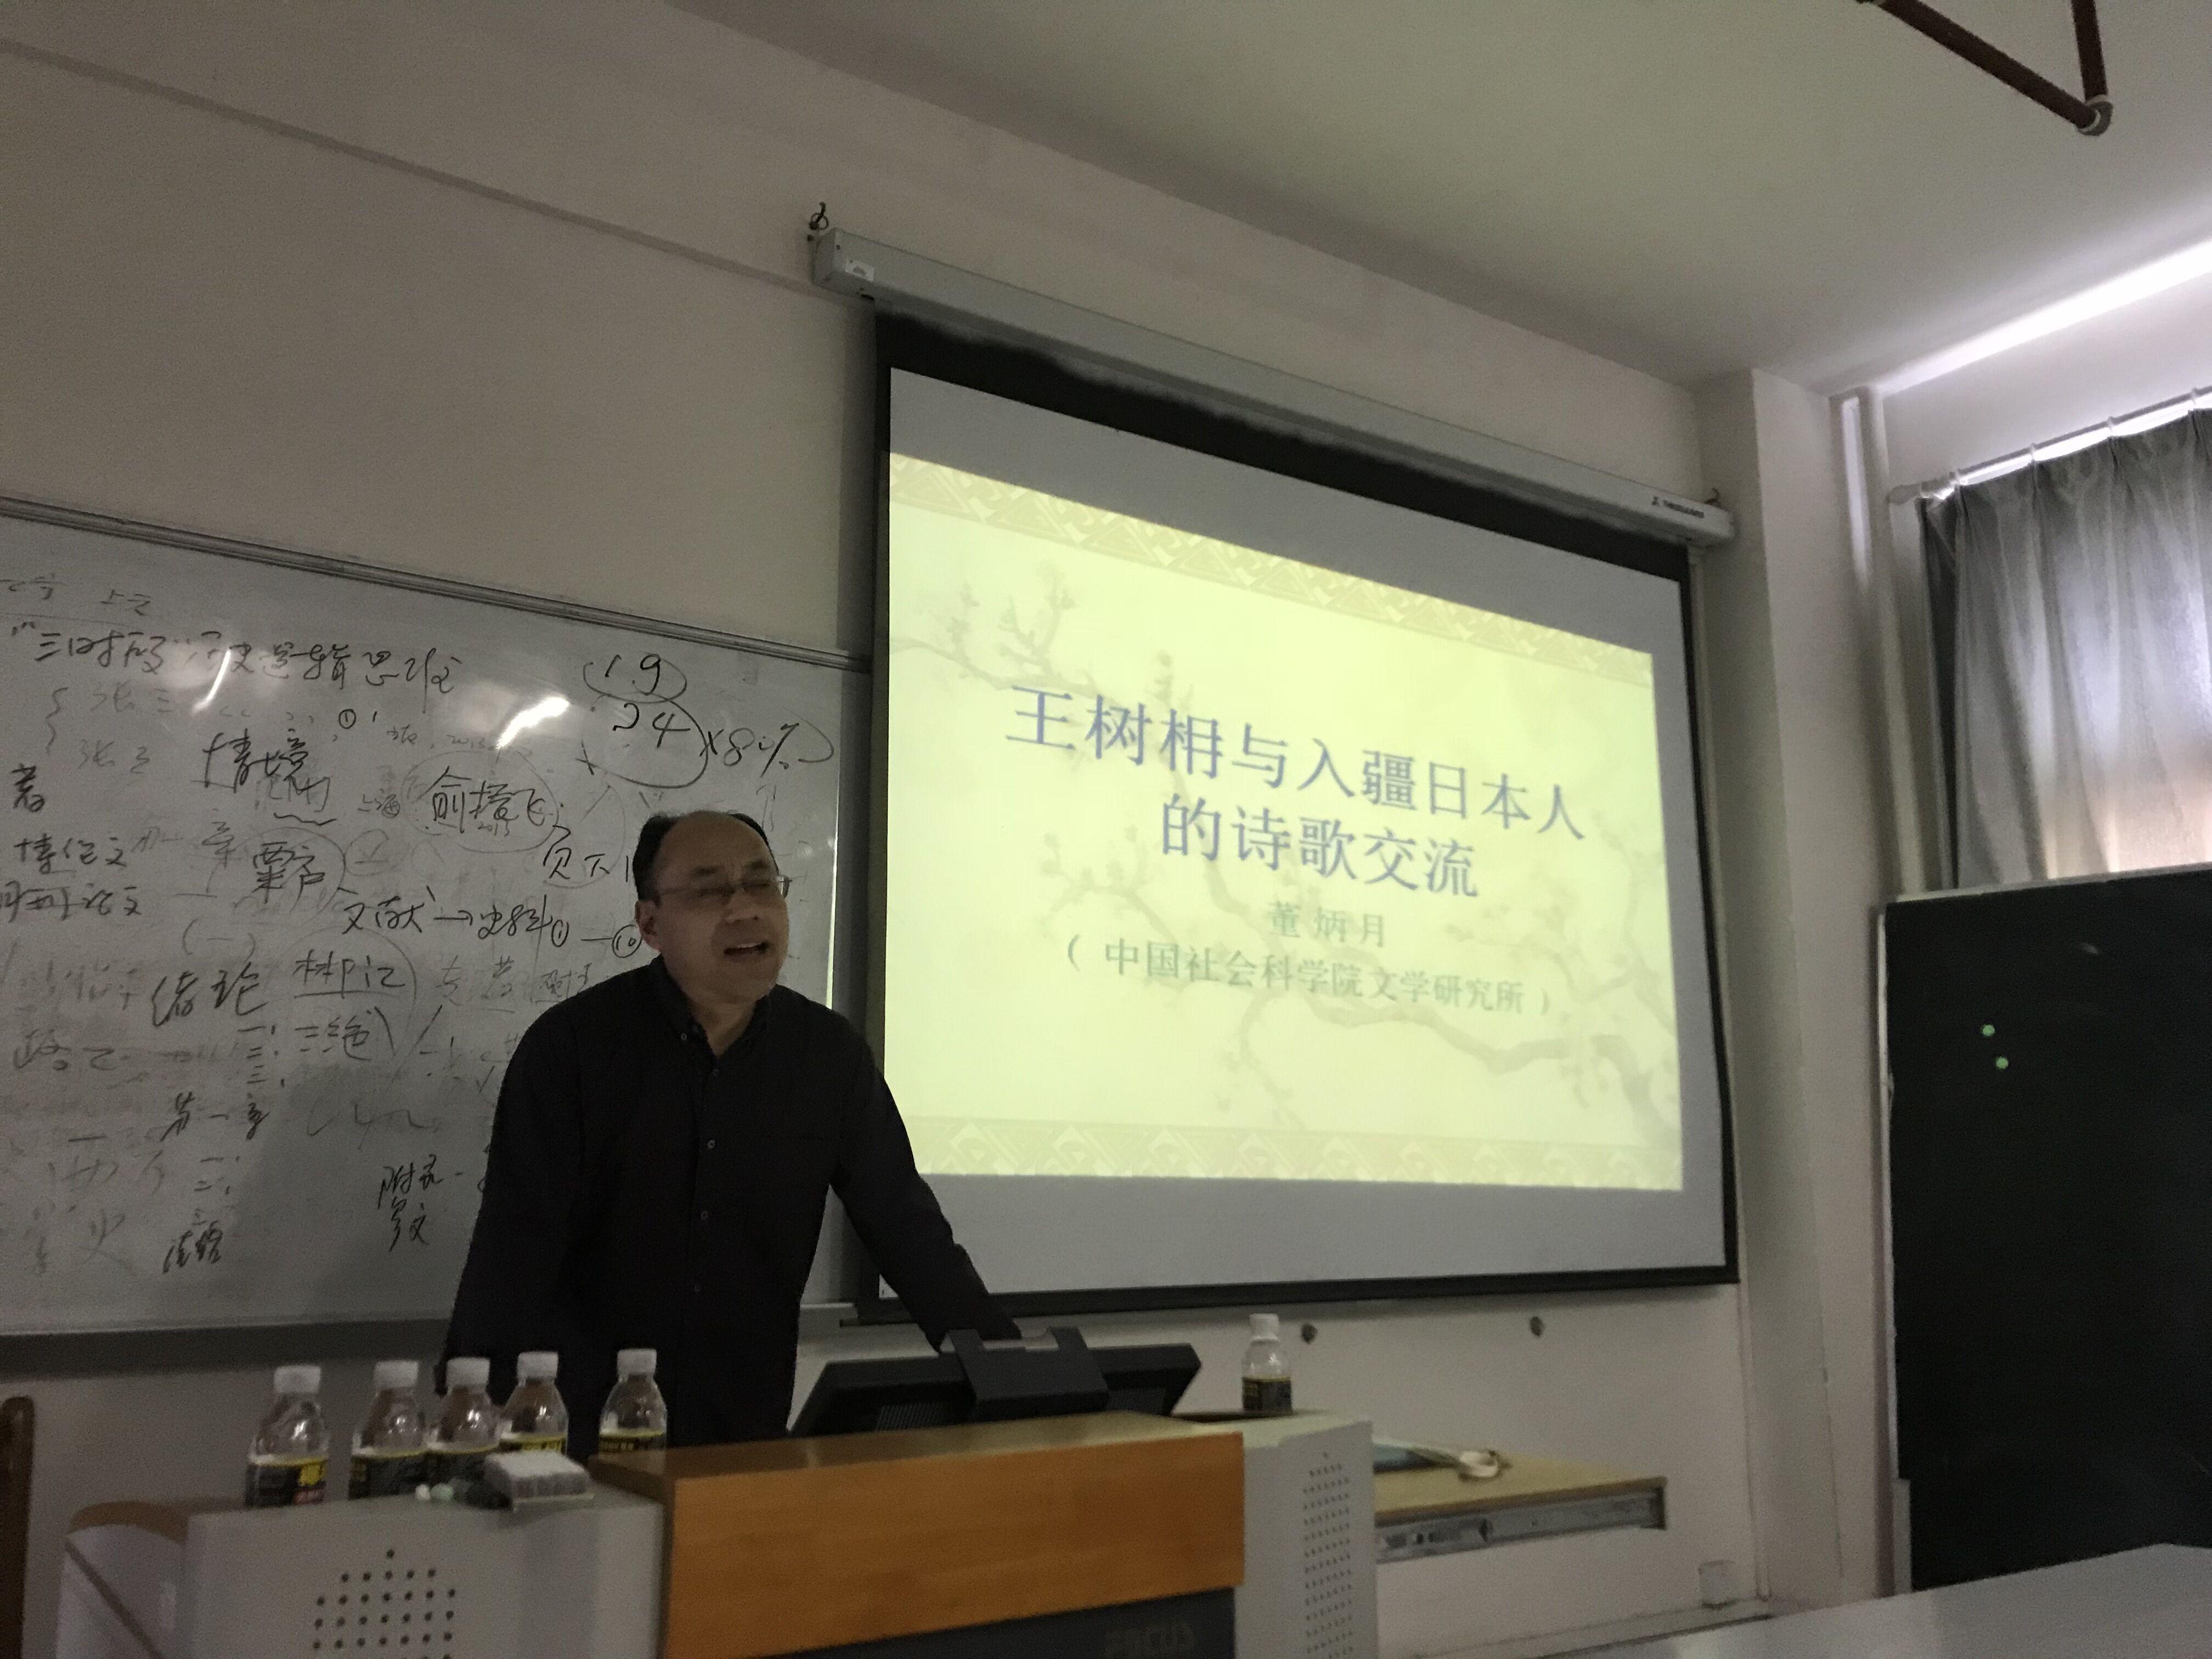 中国社会科学院董炳月研究员到我校讲学